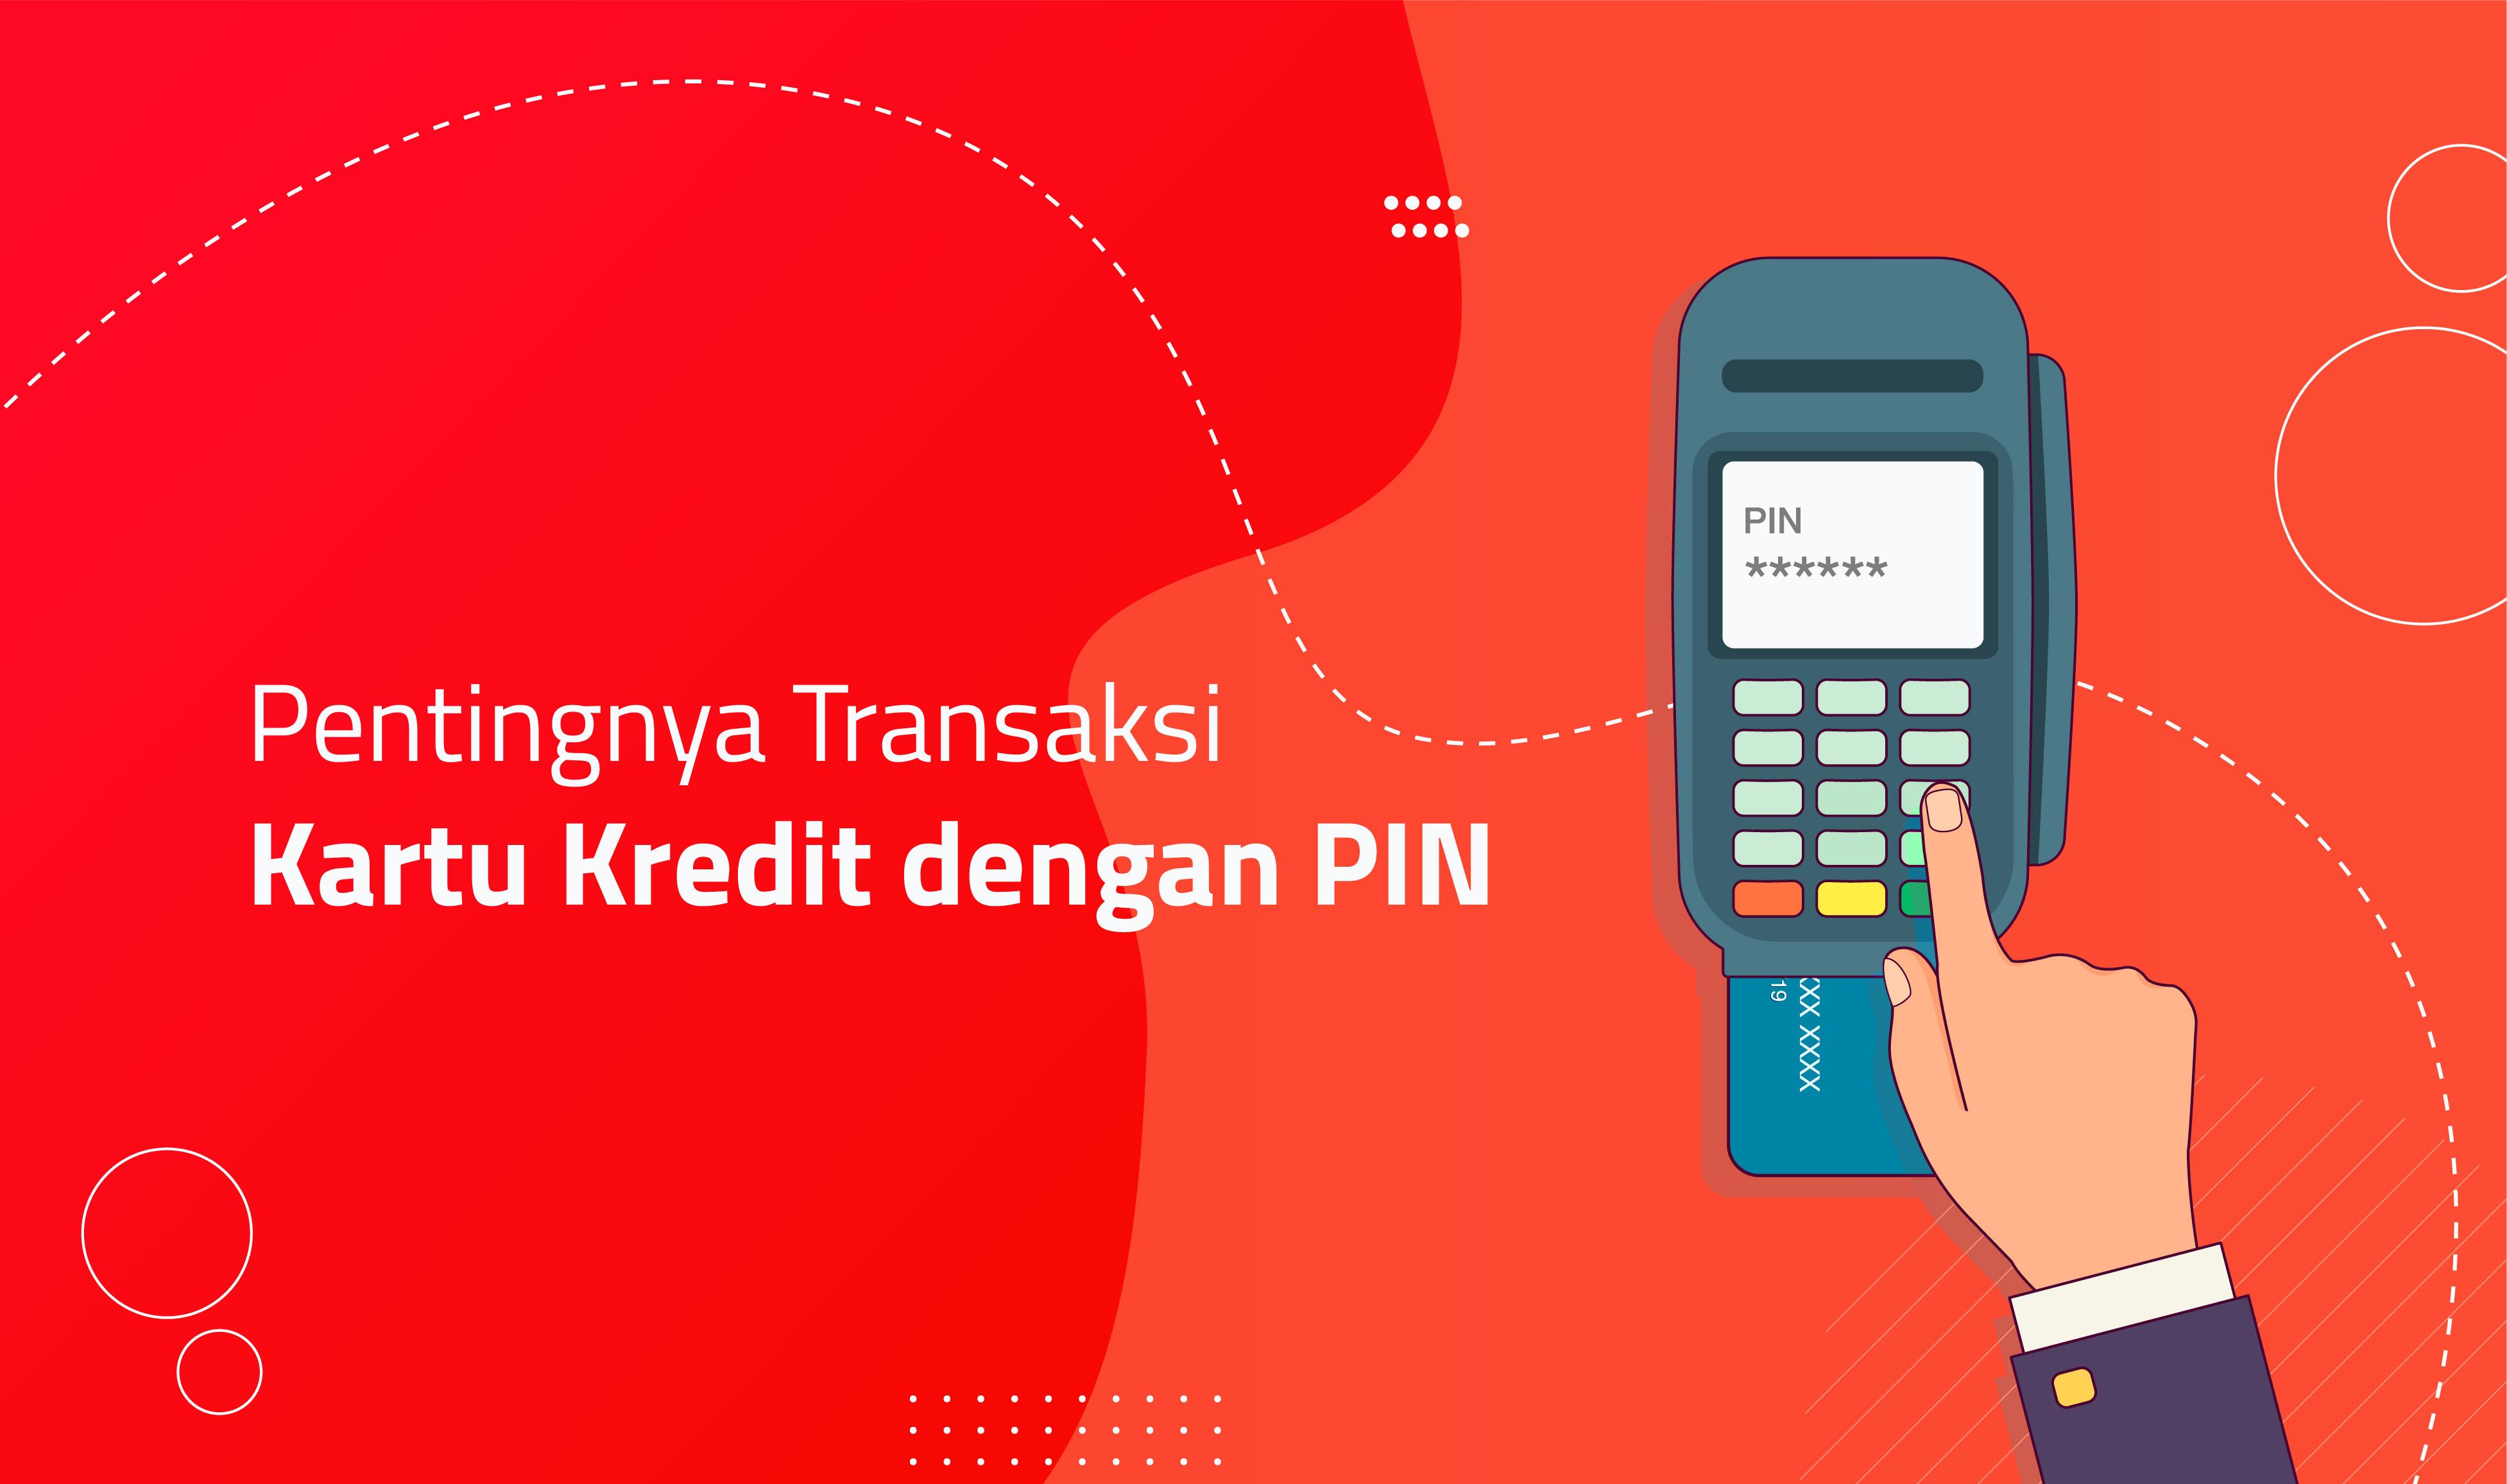 Pentingnya Transaksi Kartu Kredit Dengan Pin